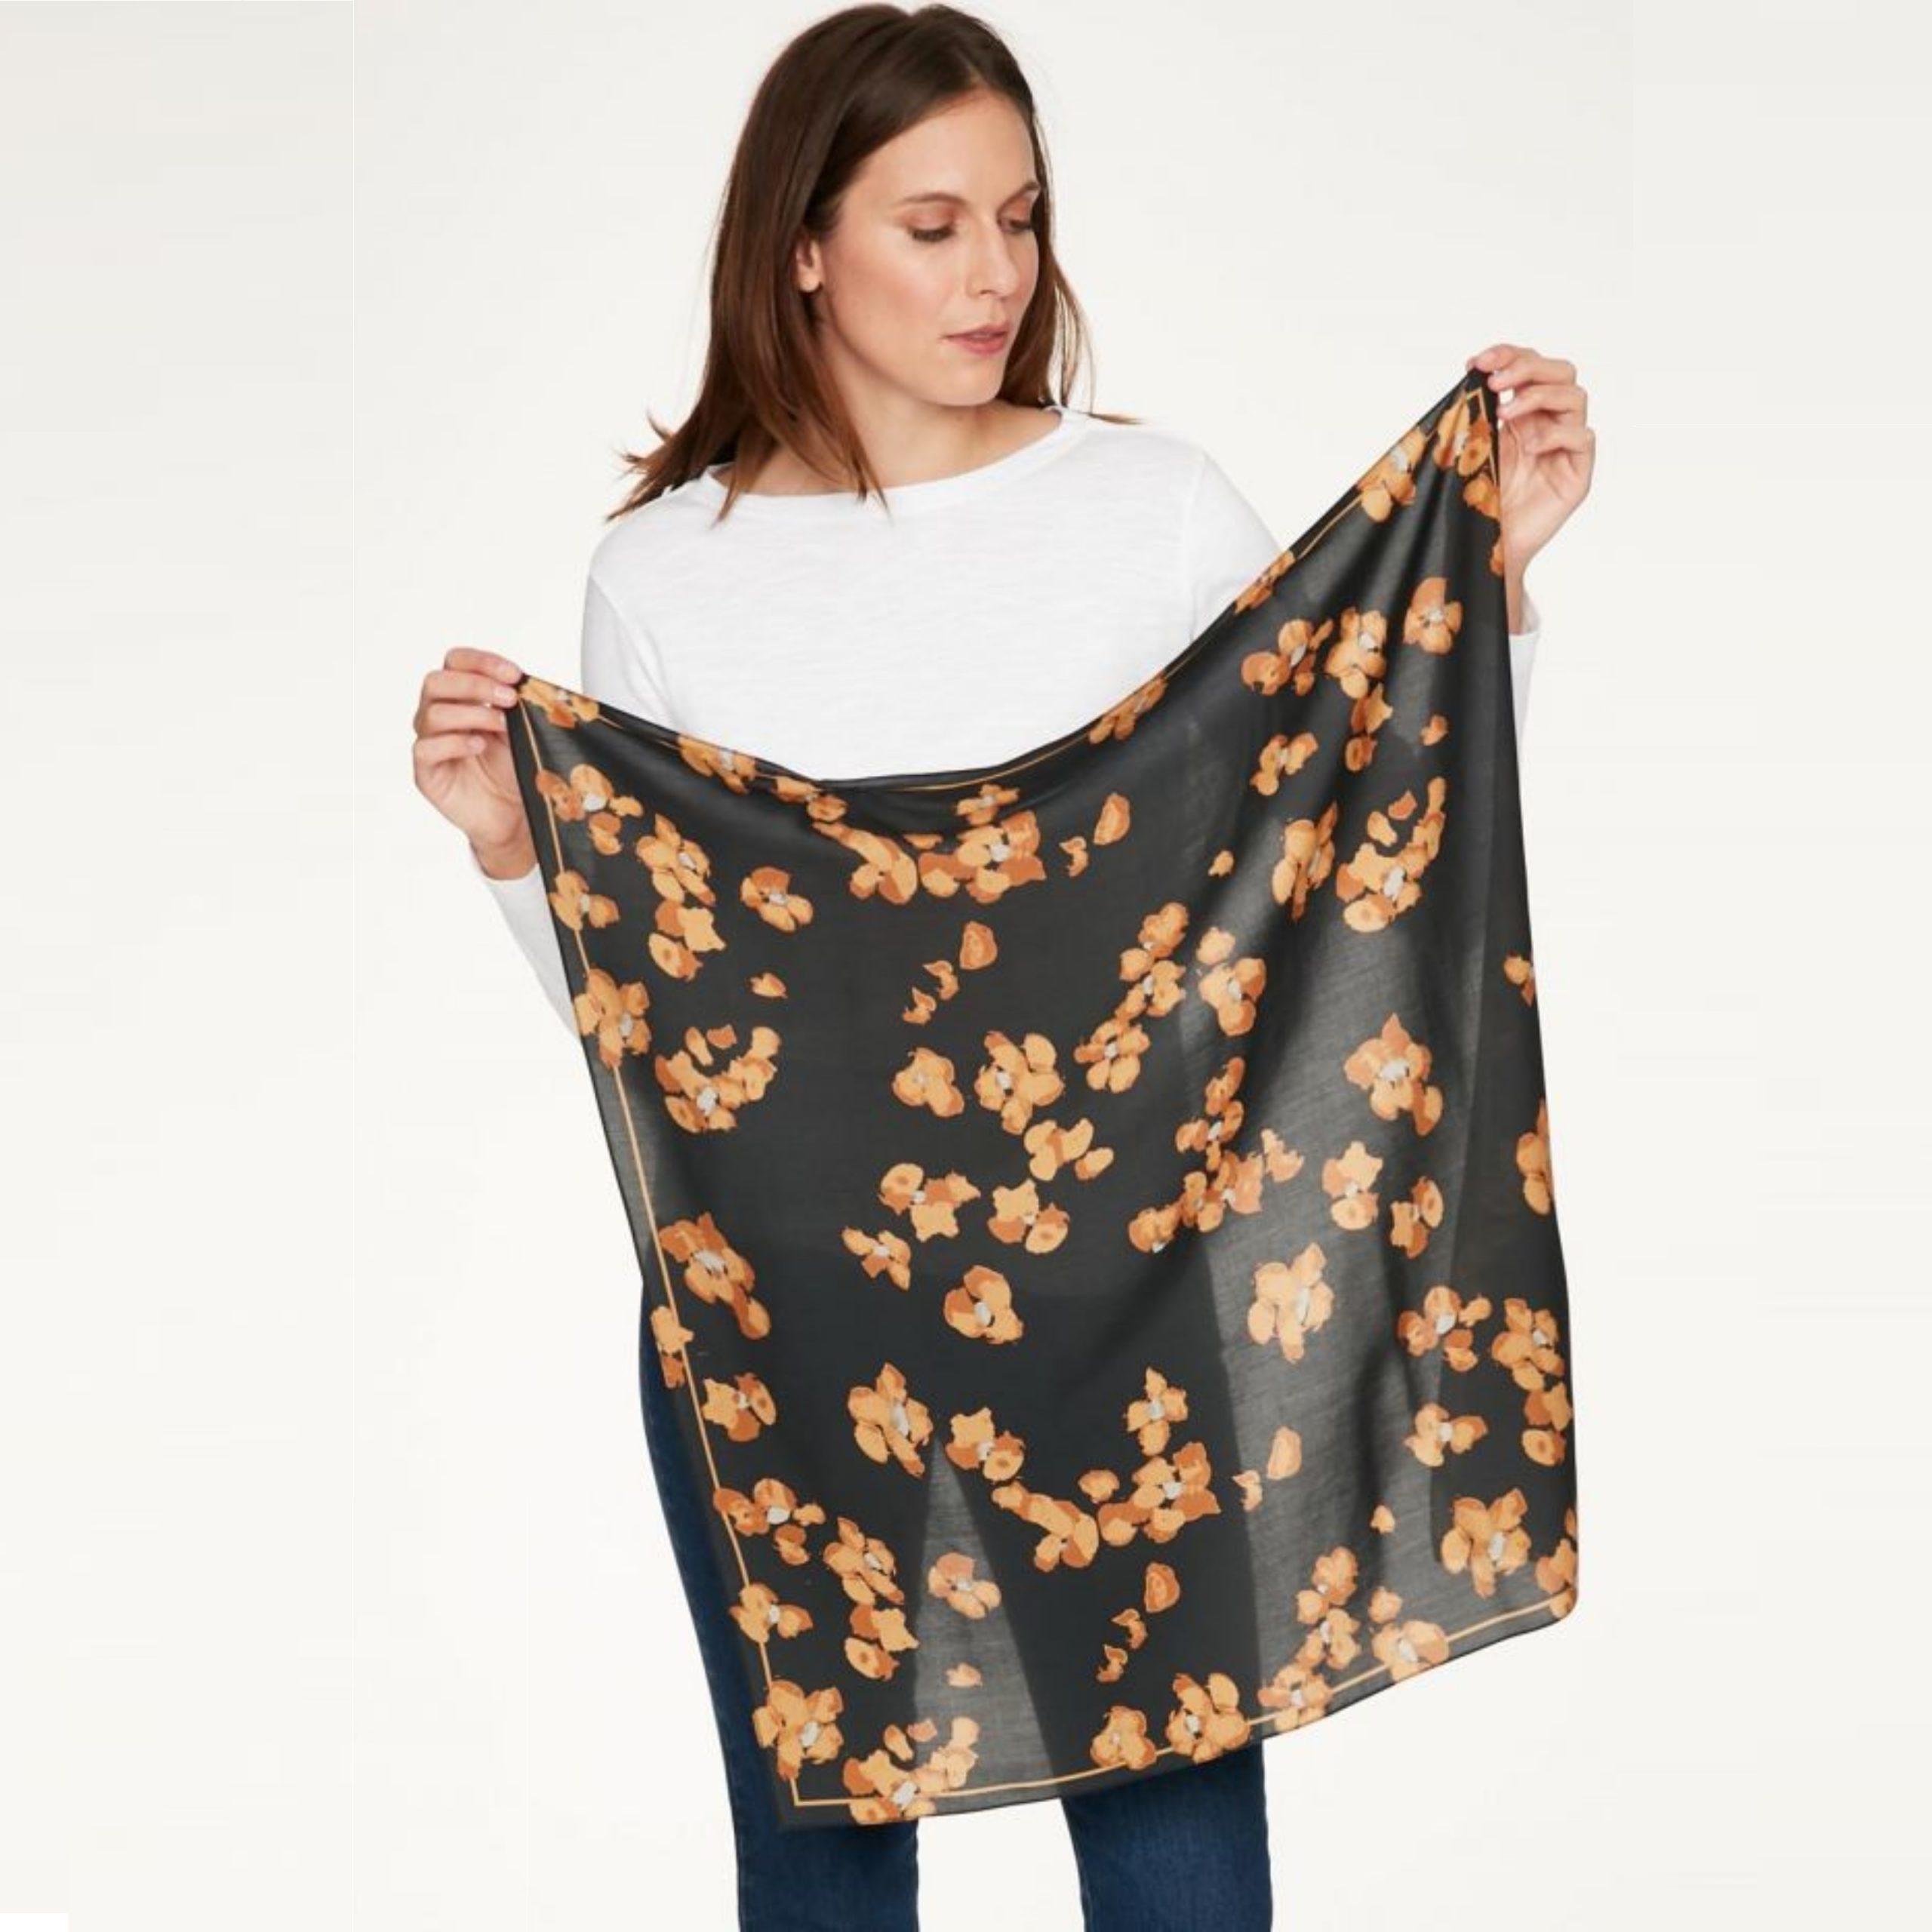 O lenço da Thought é feito em tencel - um tecido sustentável, funcional e muito confortável!